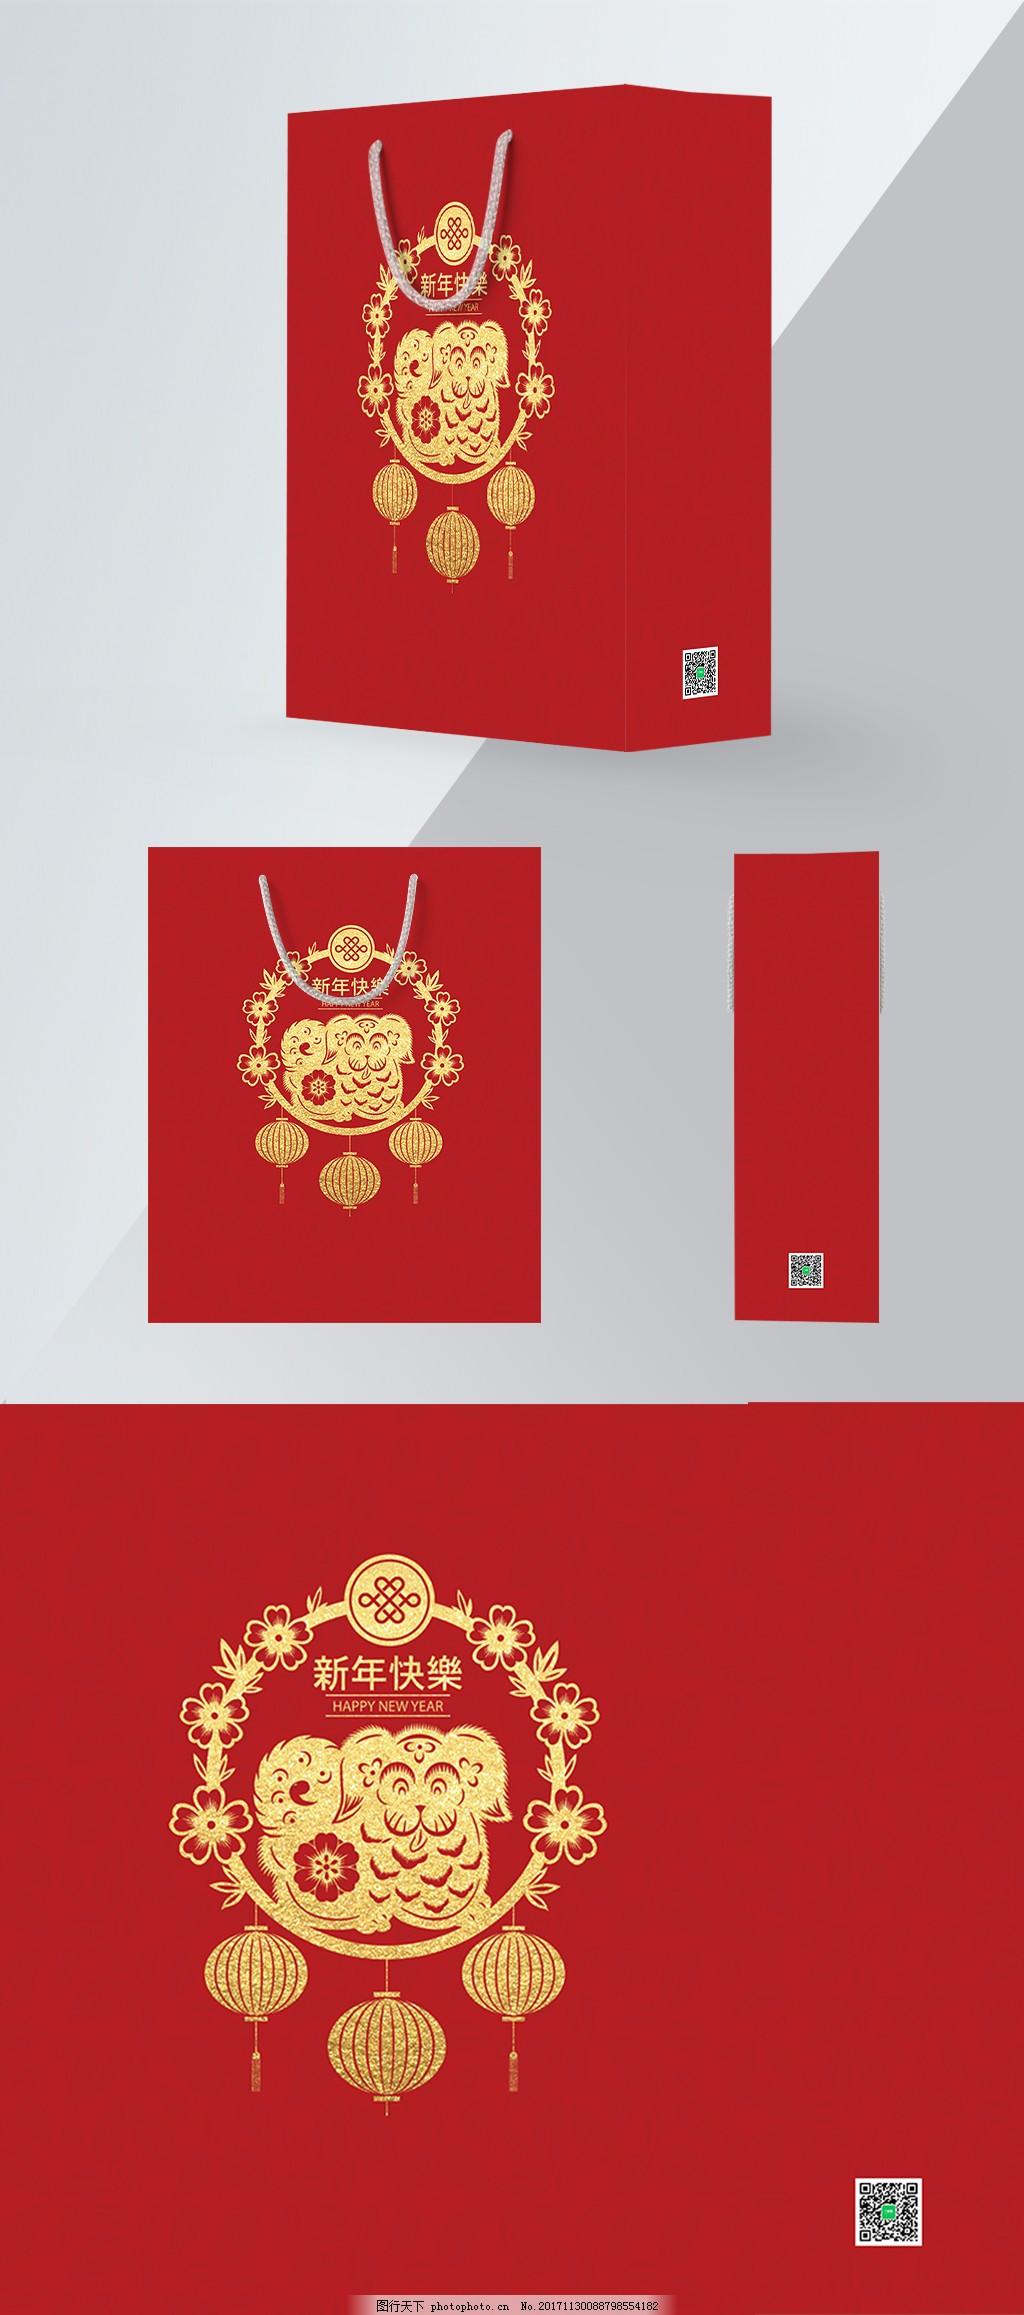 大红剪纸中国风2018新年手提袋 新年快乐 元旦 大红色 花纹